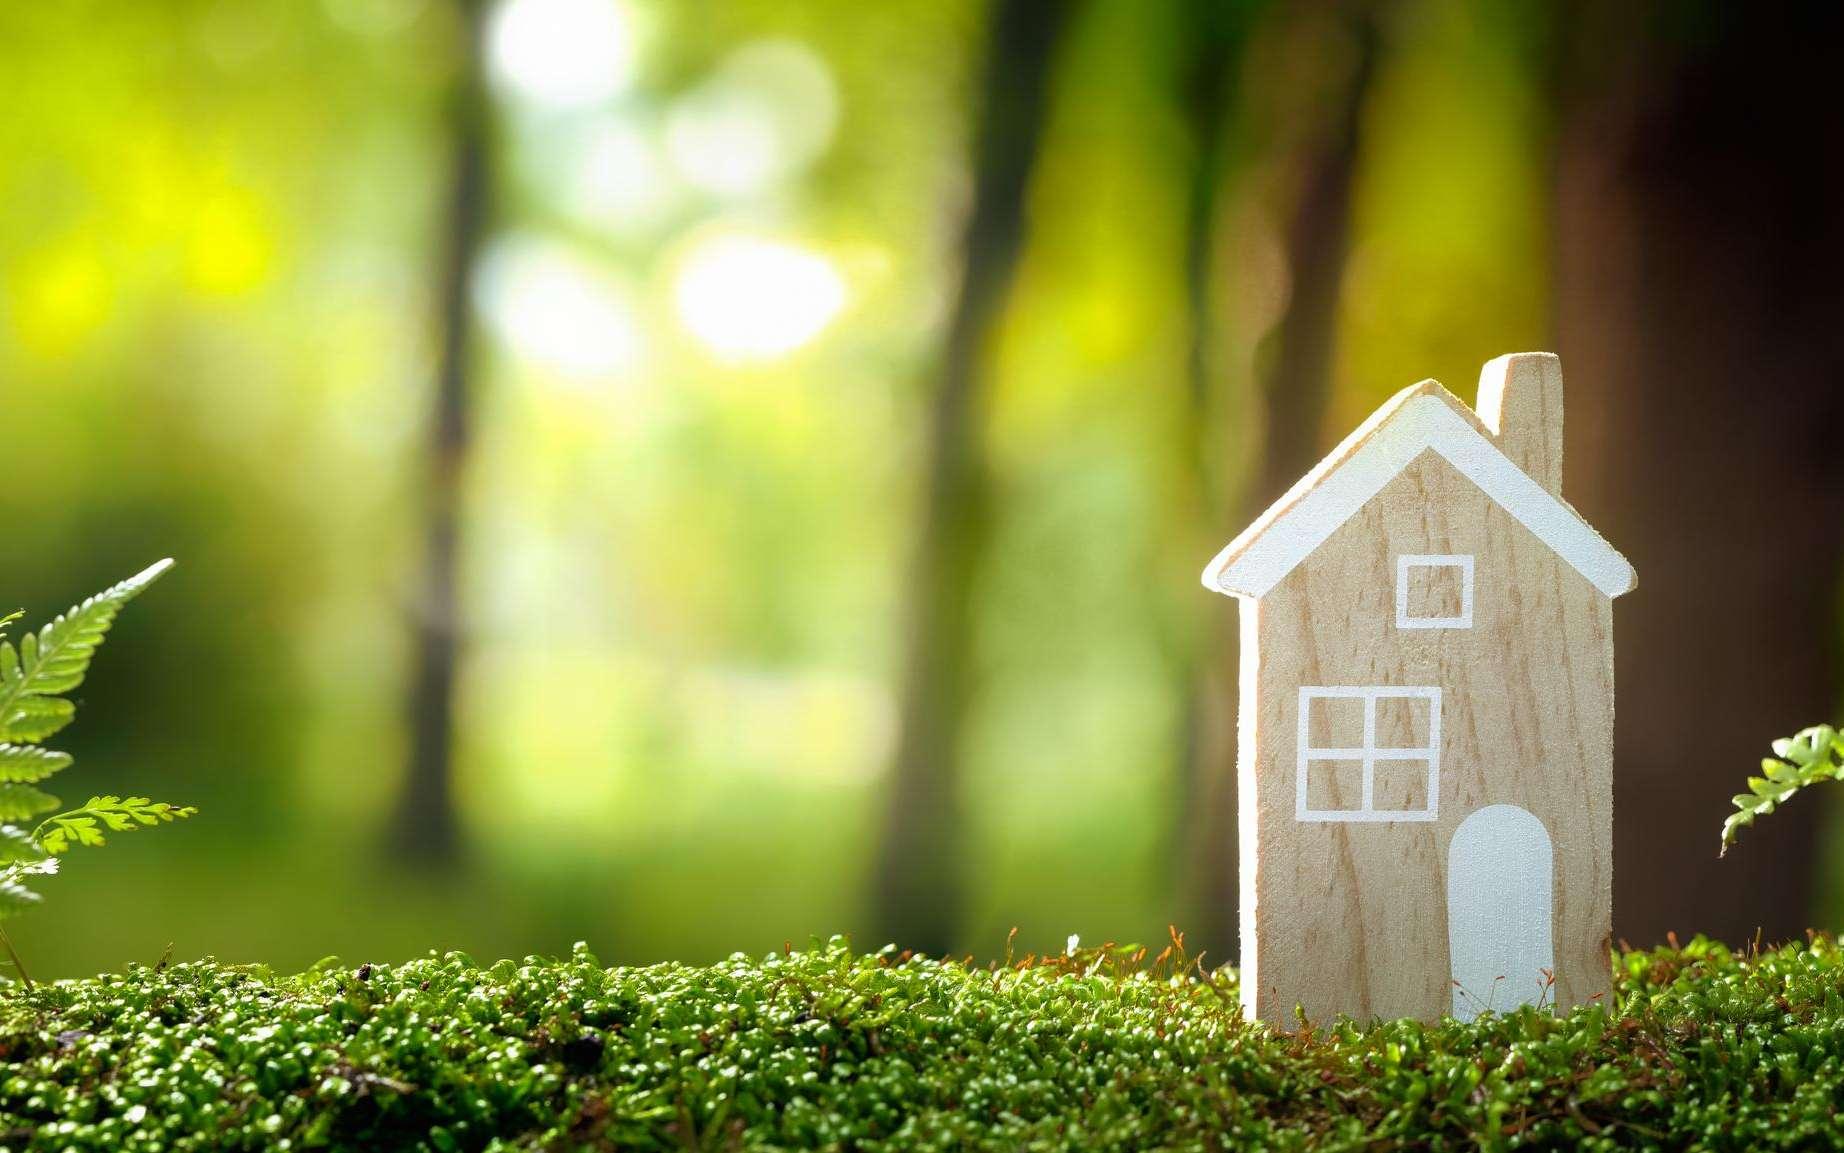 Le logement bioclimatique est conçu pour s'adapter et s'inscrire dans son environnement. © Lily, Adobe Stock